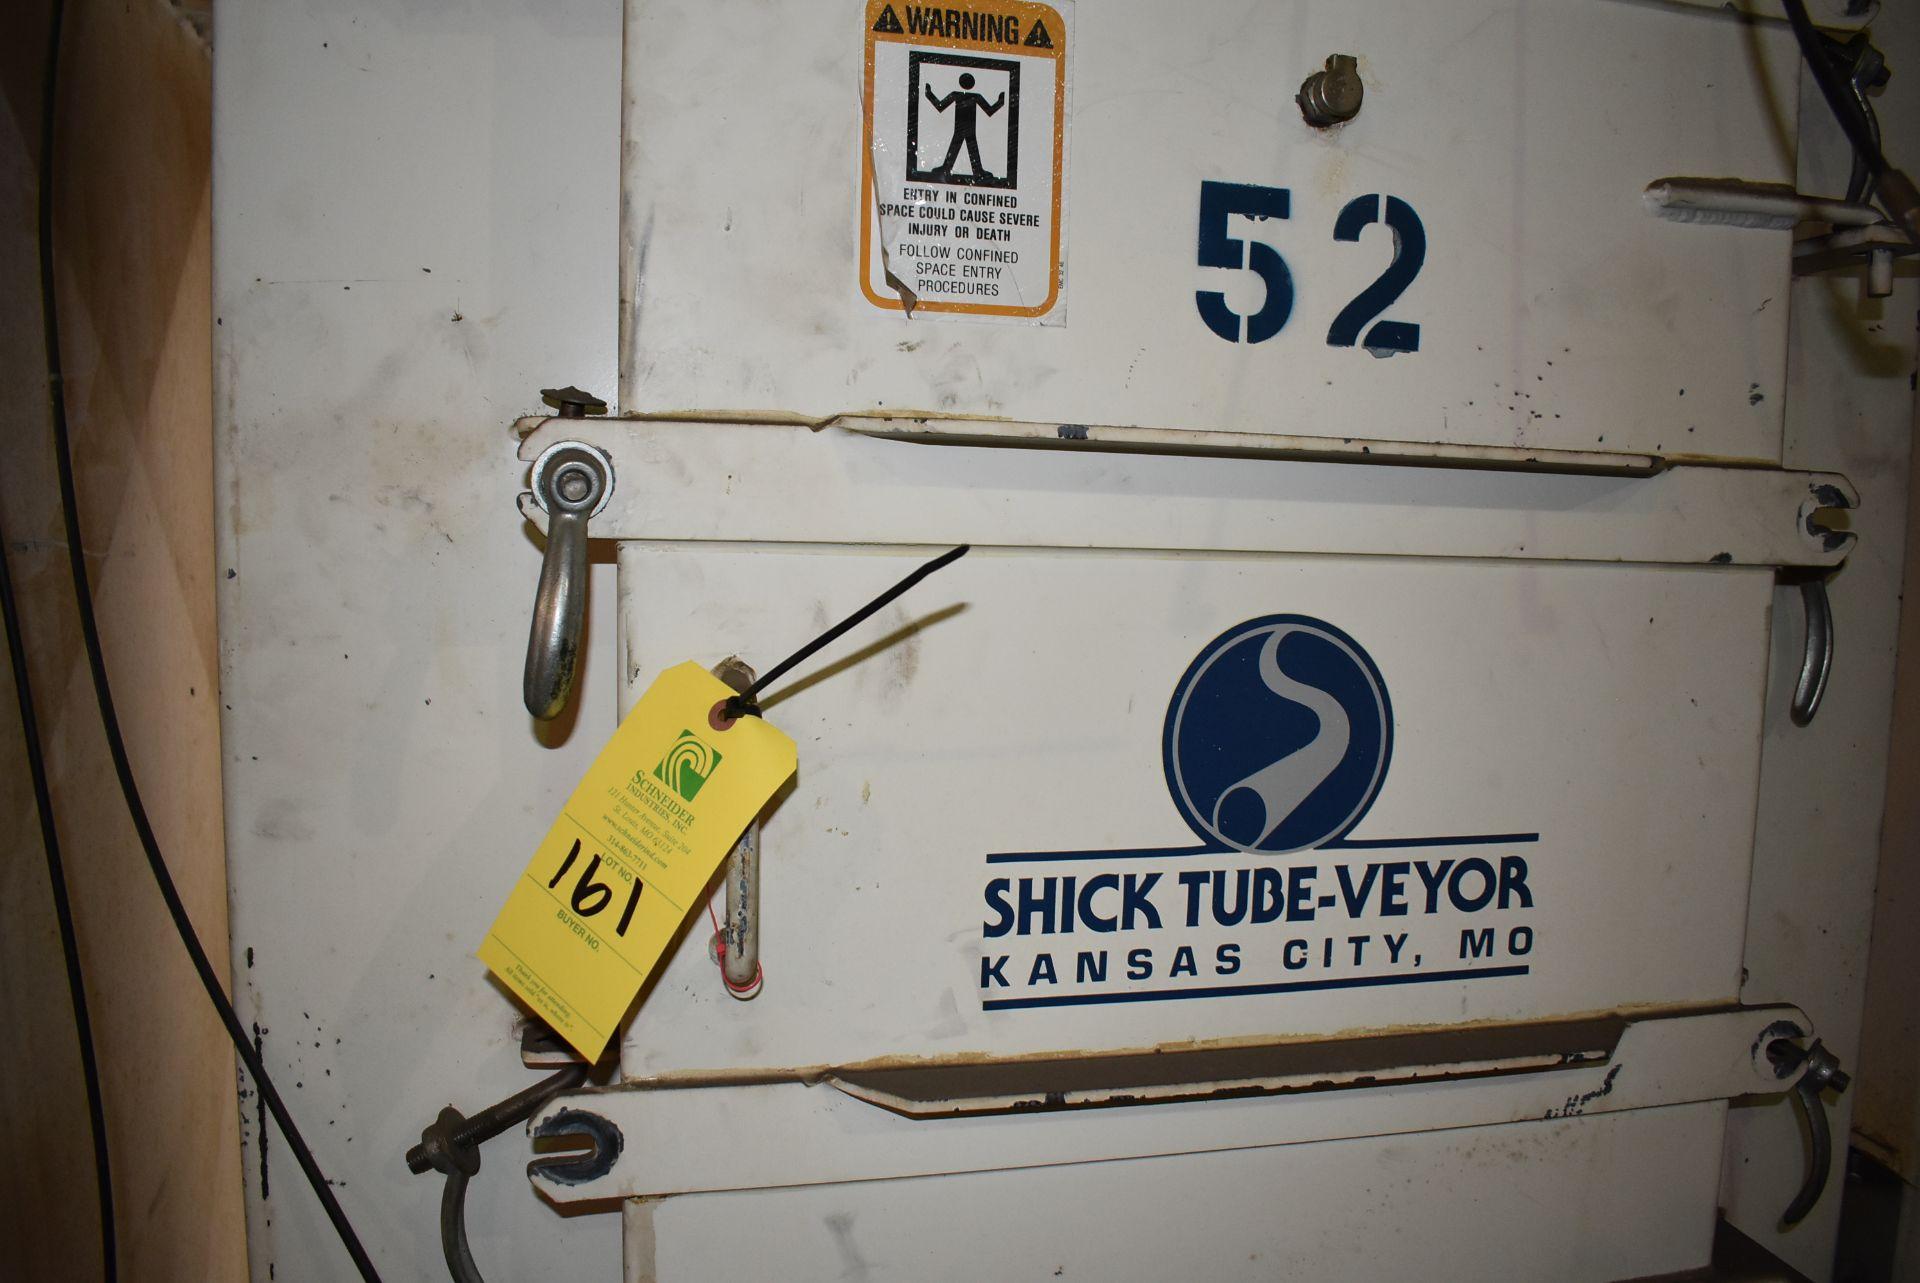 Shick Tube-Veyor Model #58A025 Auto Jet Filter System - Image 2 of 4